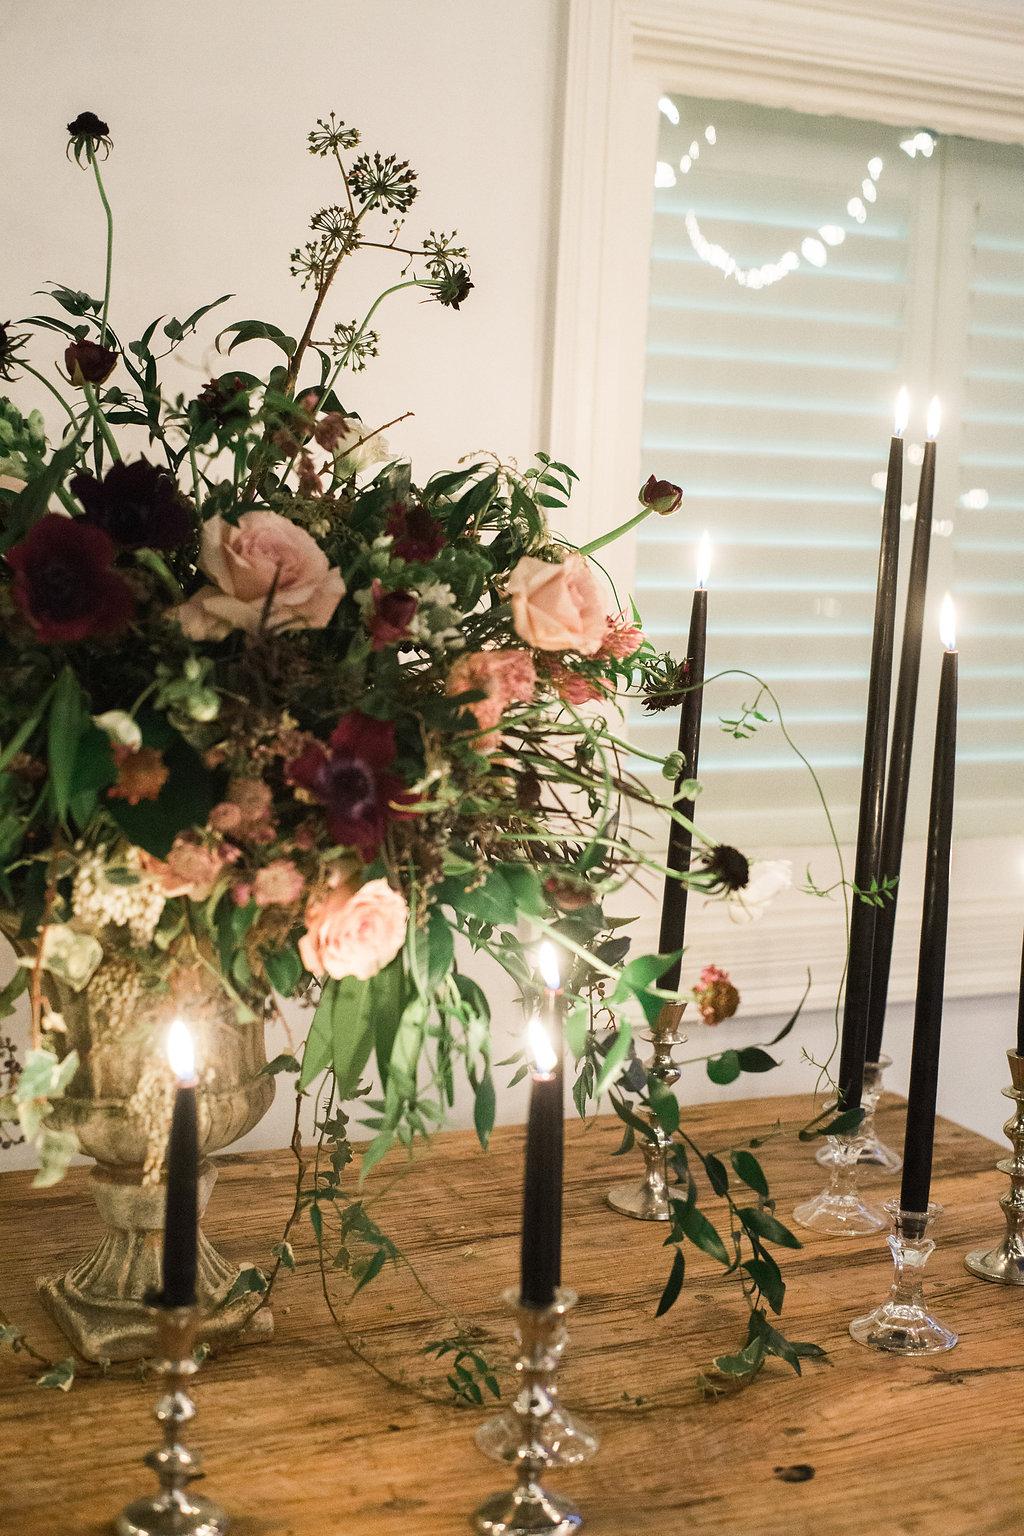 jessica-zimmerman-events-together-dinner-arkansas-floral32.jpg